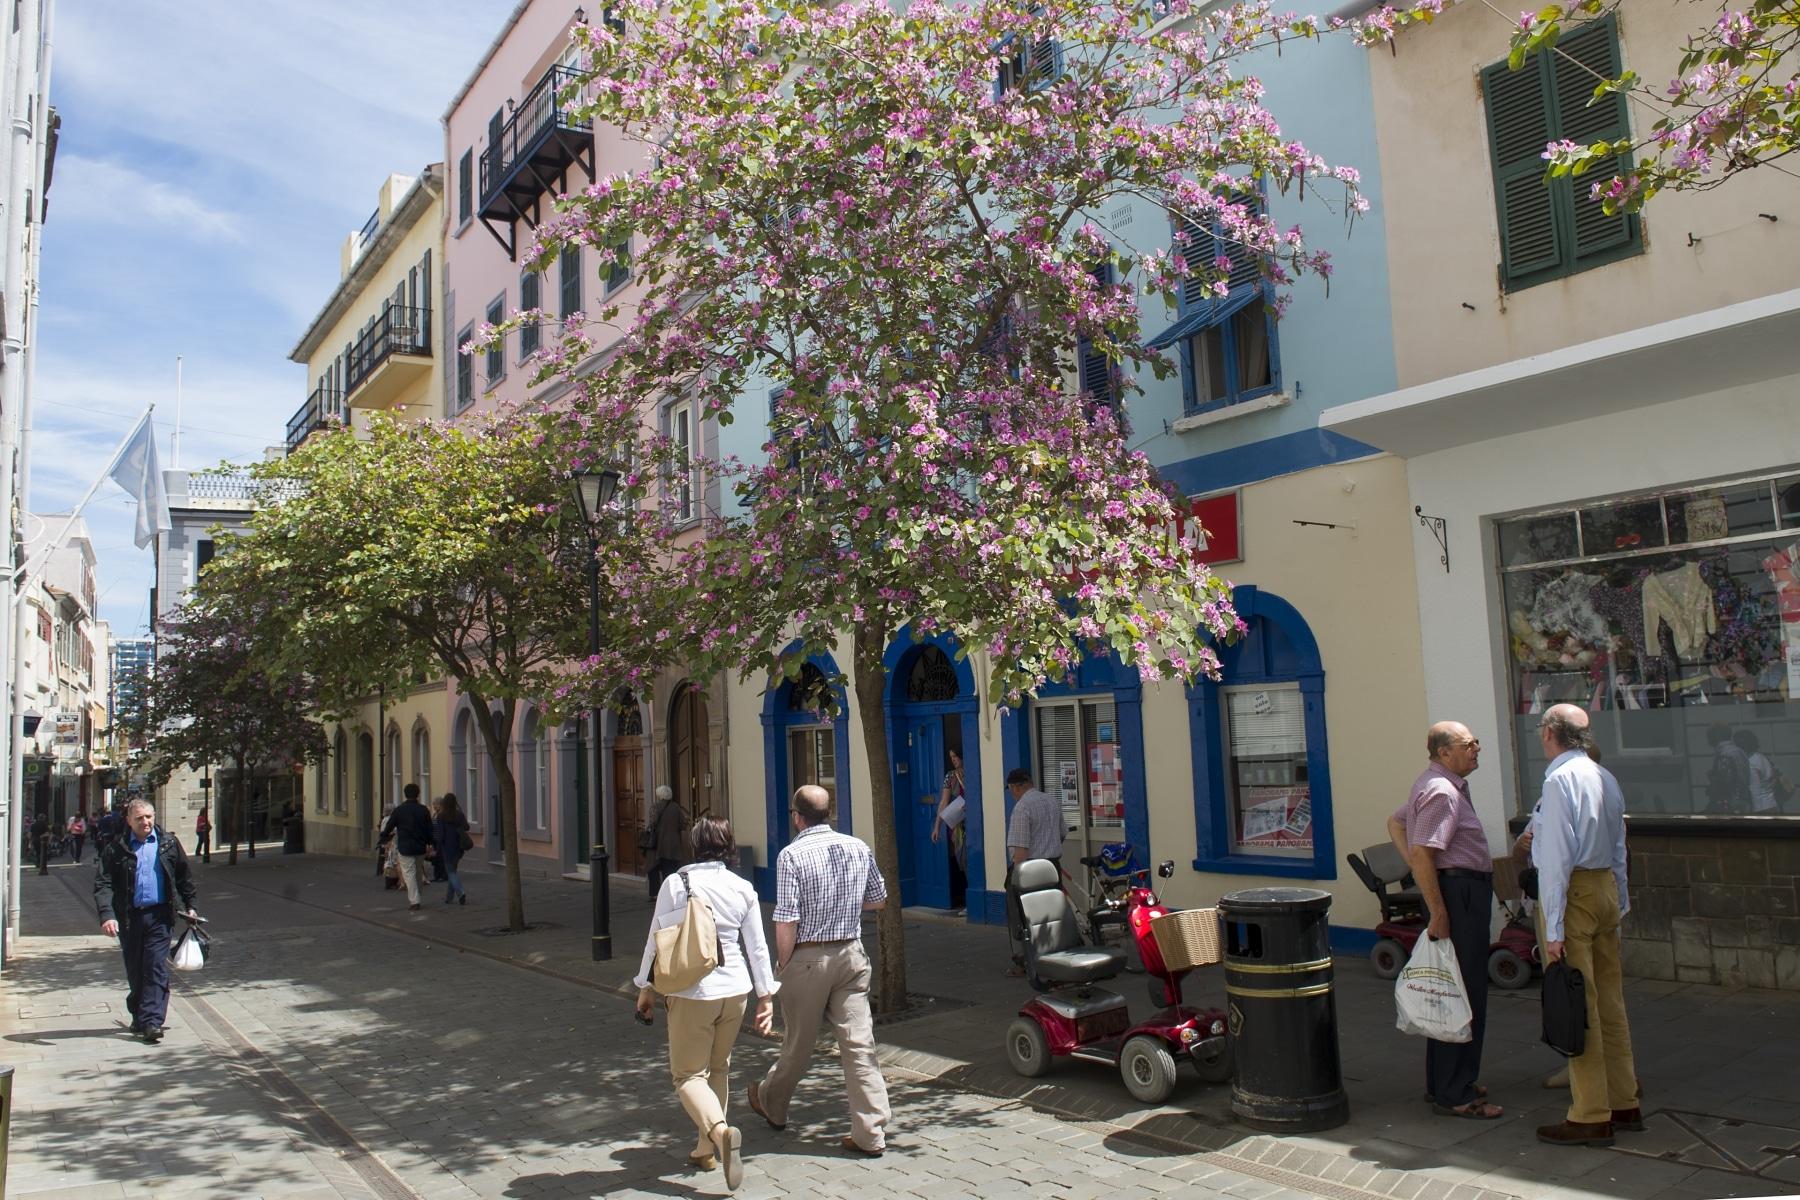 paisajes-urbanos-gibraltar-20_9222317571_o